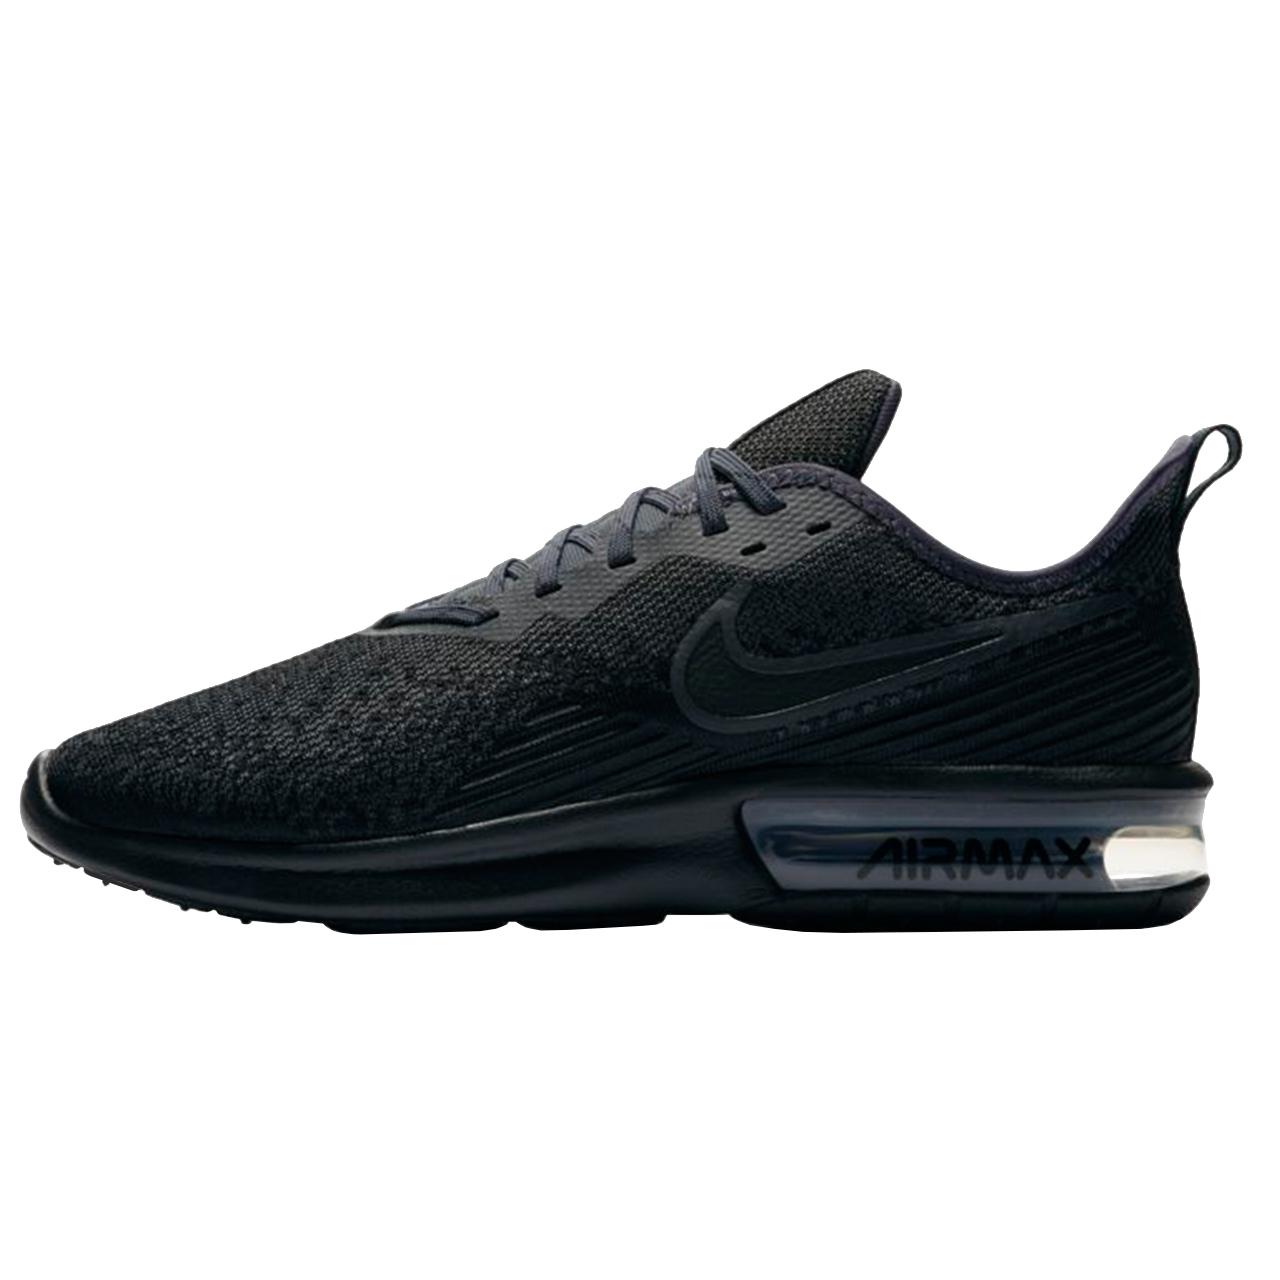 کفش مخصوص دویدن مردانه نایکی مدل Air Max Sequent 4 - AO4485-002